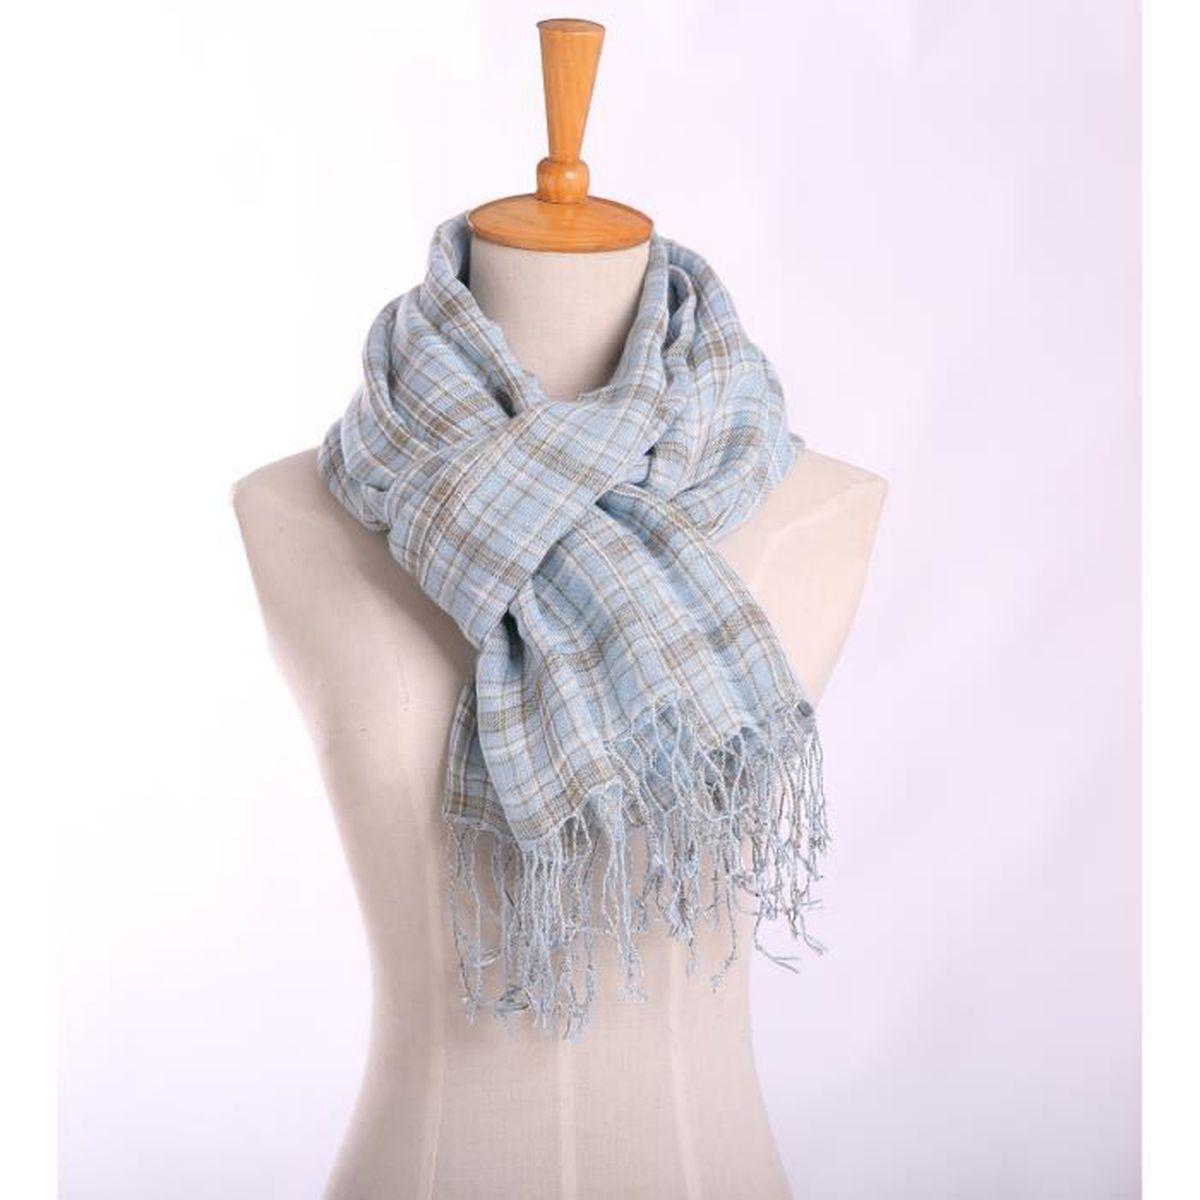 économiser jusqu'à 60% dernière remise nouvelles photos Écharpe laine foulard femme hiver en tricot maille doublée 70*180CM avec  lacet carreau élastique doux et confortable ---bleu